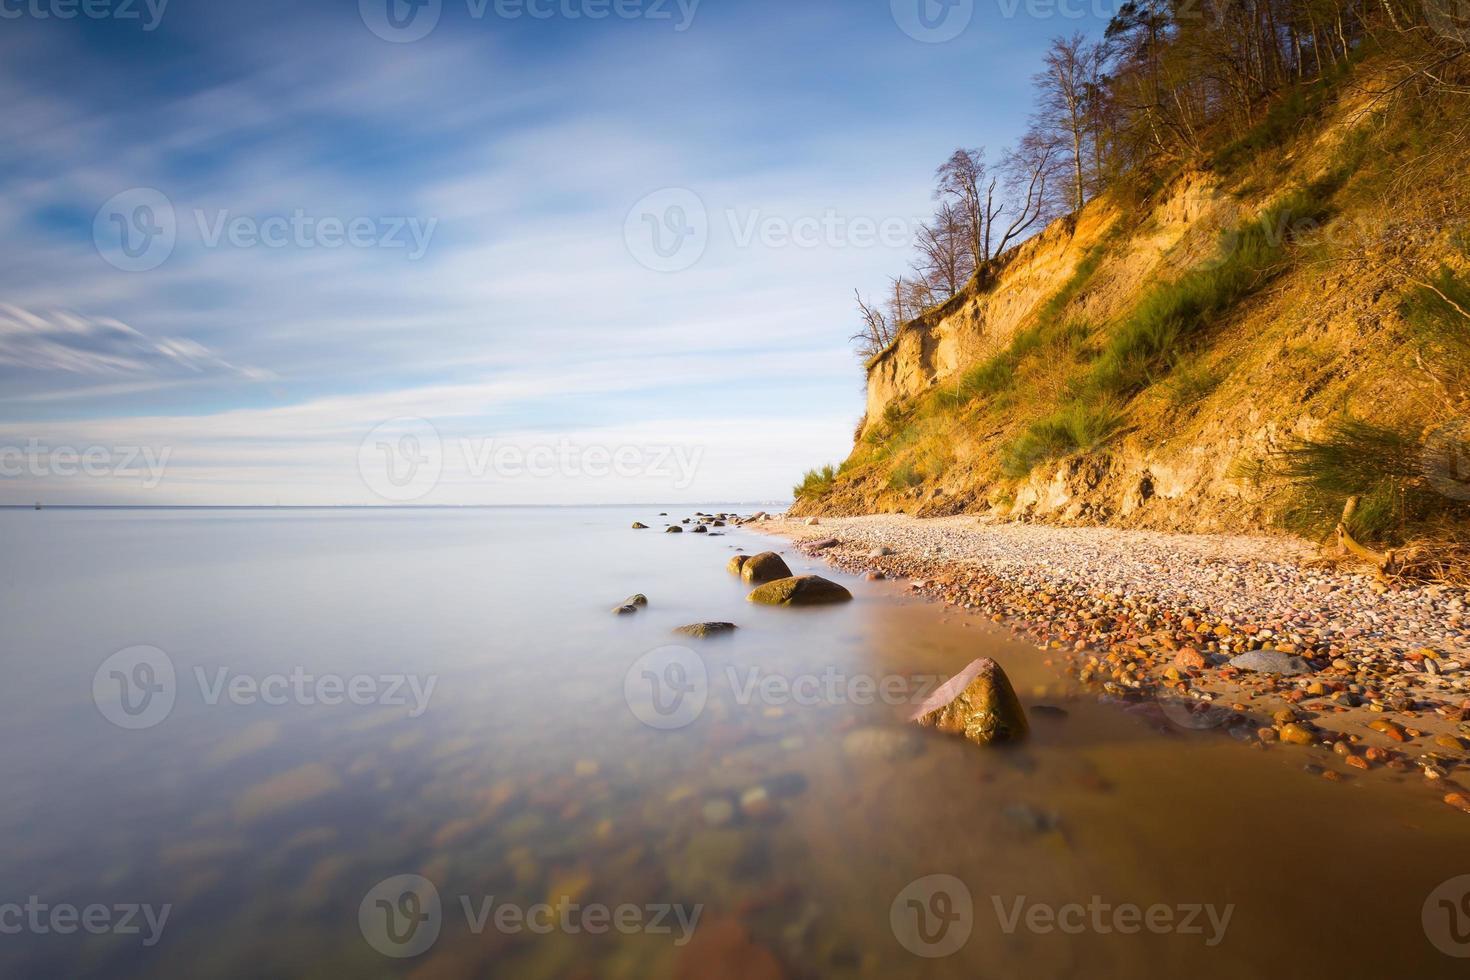 vacker östersjöstrand med stor klippa i Gdynia orlowo. foto